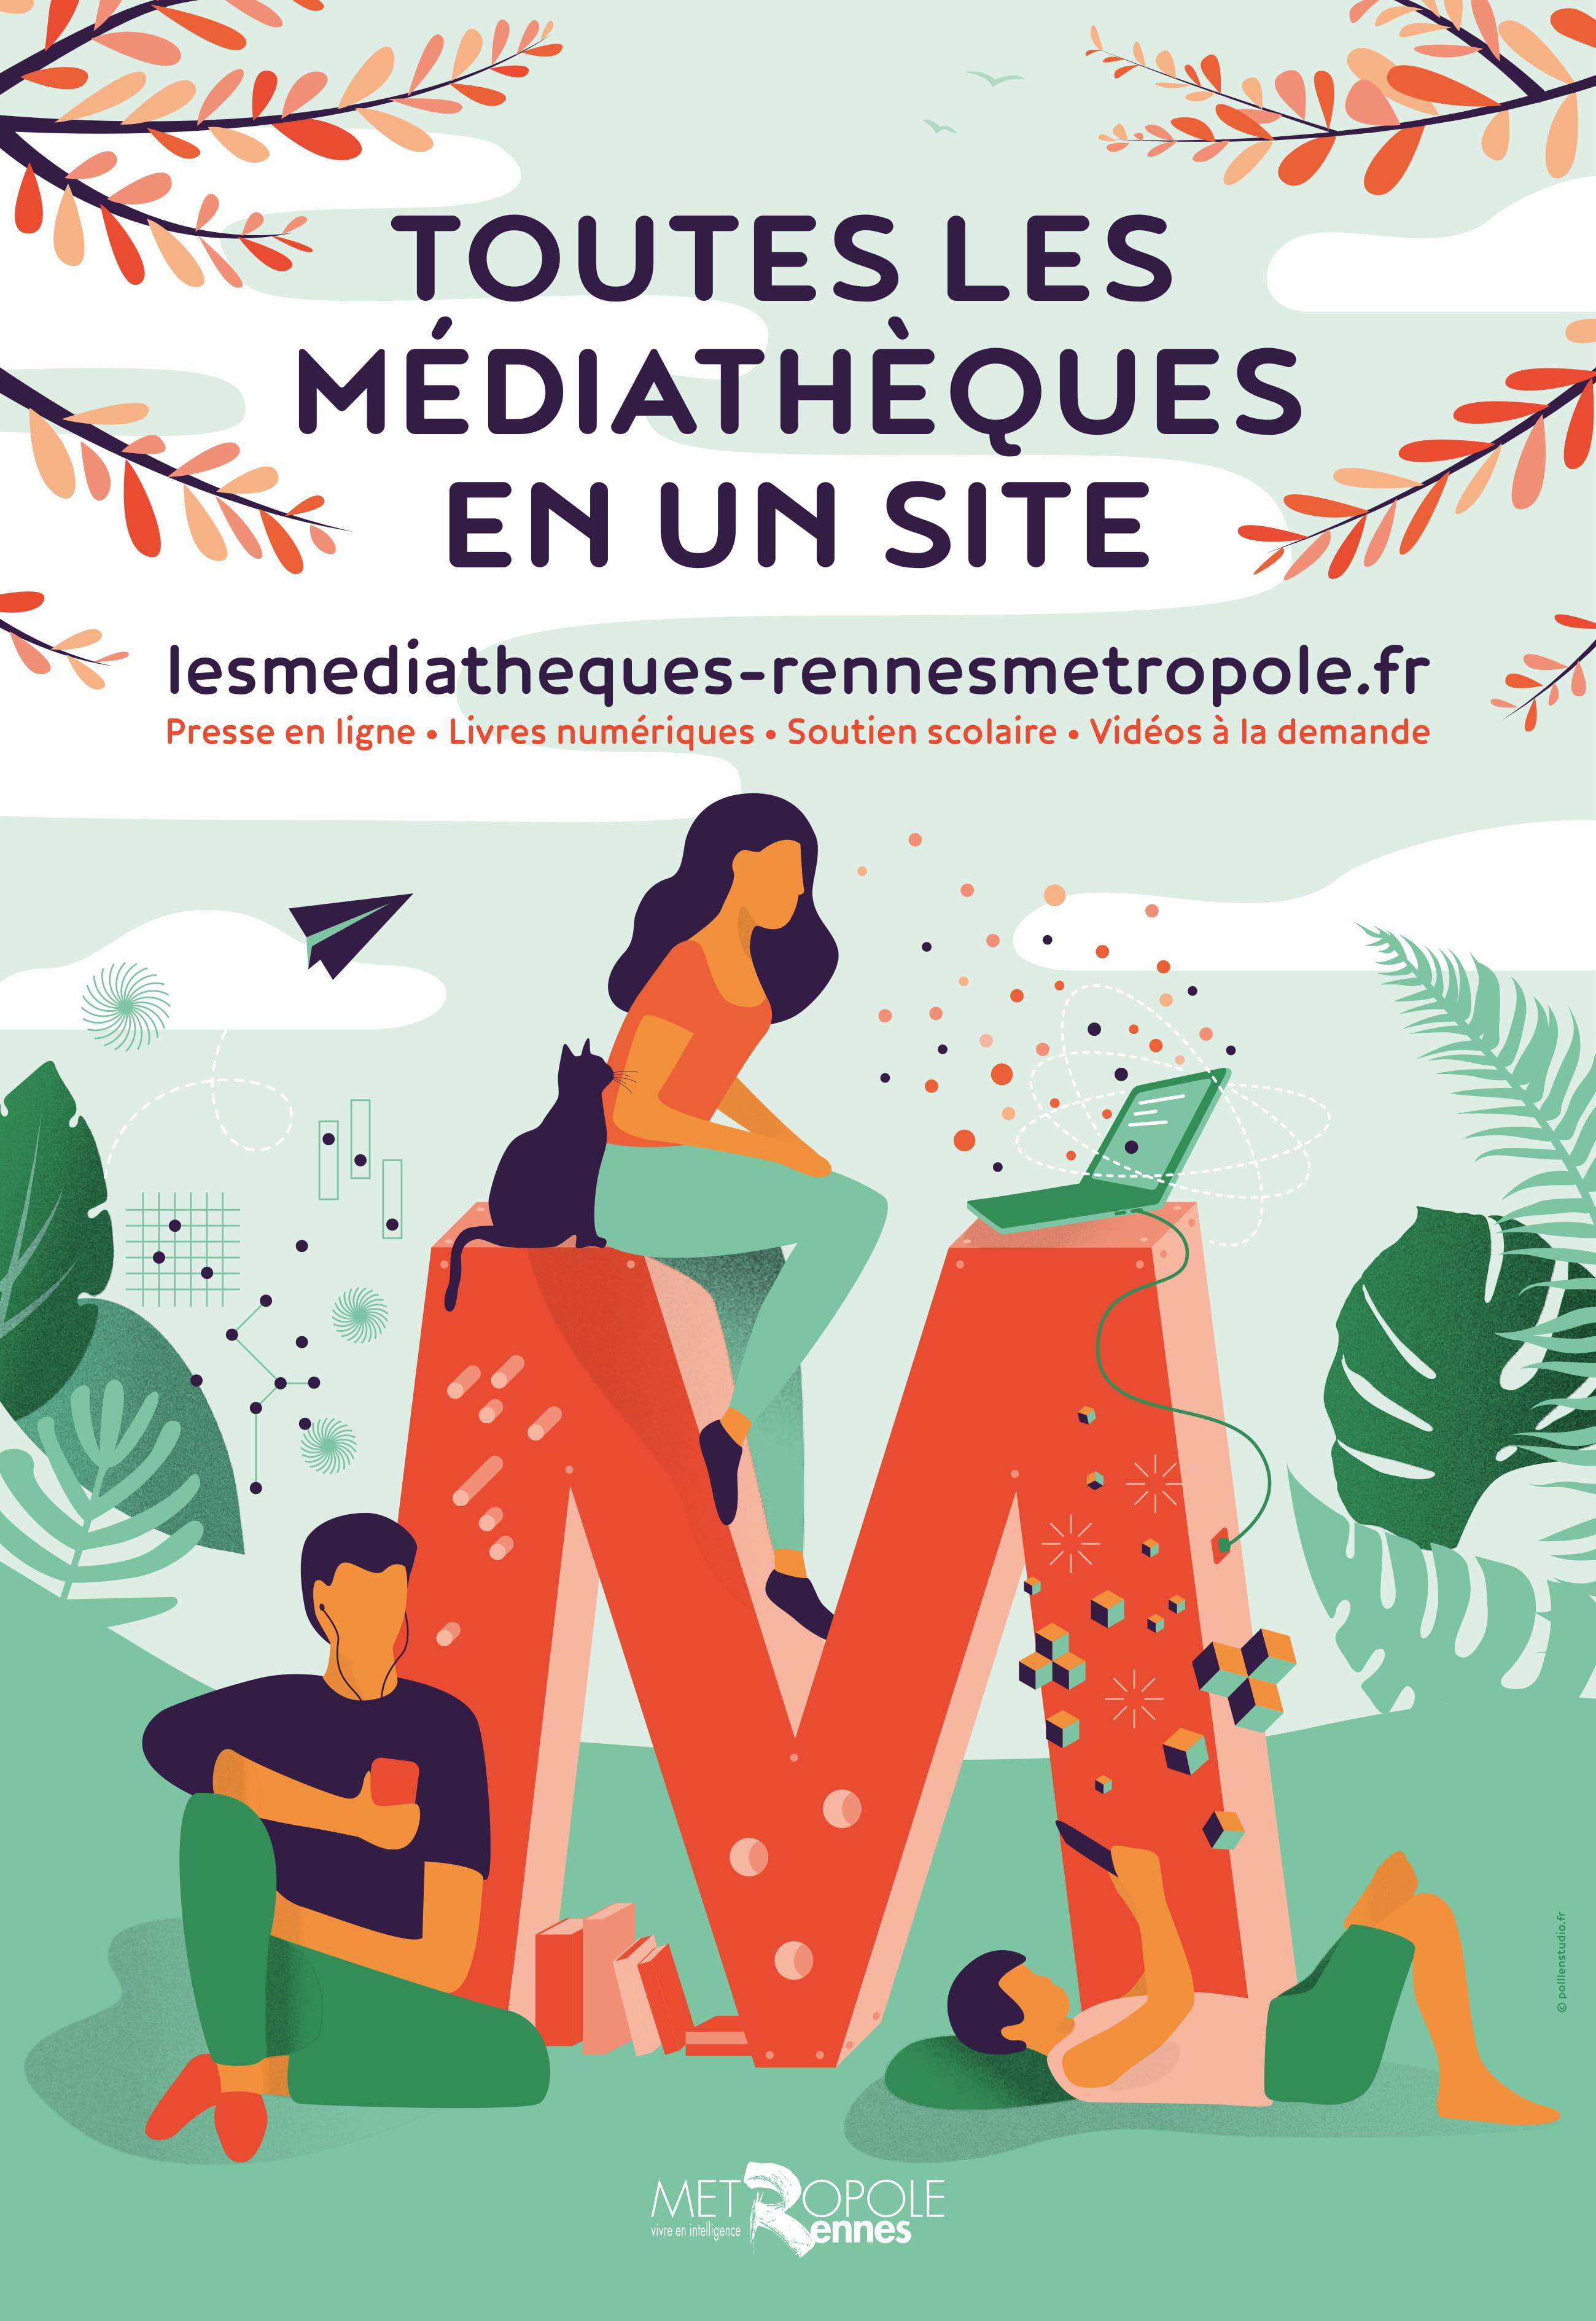 Les médiathèques de Rennes Métropole